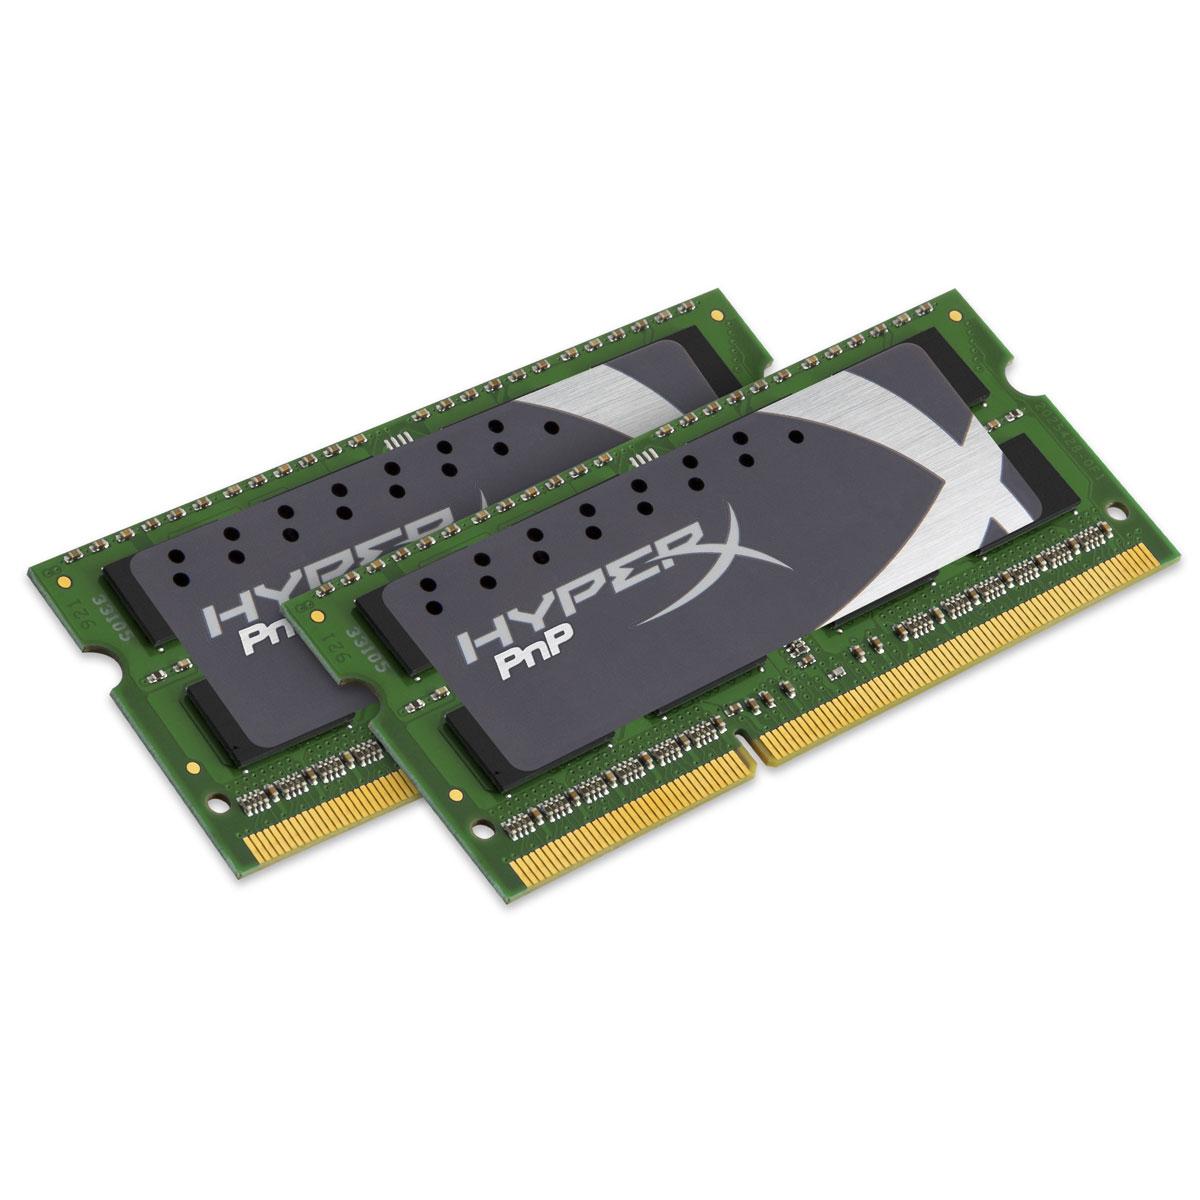 Mémoire PC Kingston HyperX PnP SO-DIMM 8 Go (2 x 4 Go) DDR3 1600 MHz CL9 Kit Dual Channel RAM SO-DIMM DDR3 PC3-12800 - KHX16LS9P1K2/8 (garantie à vie par Kingston)